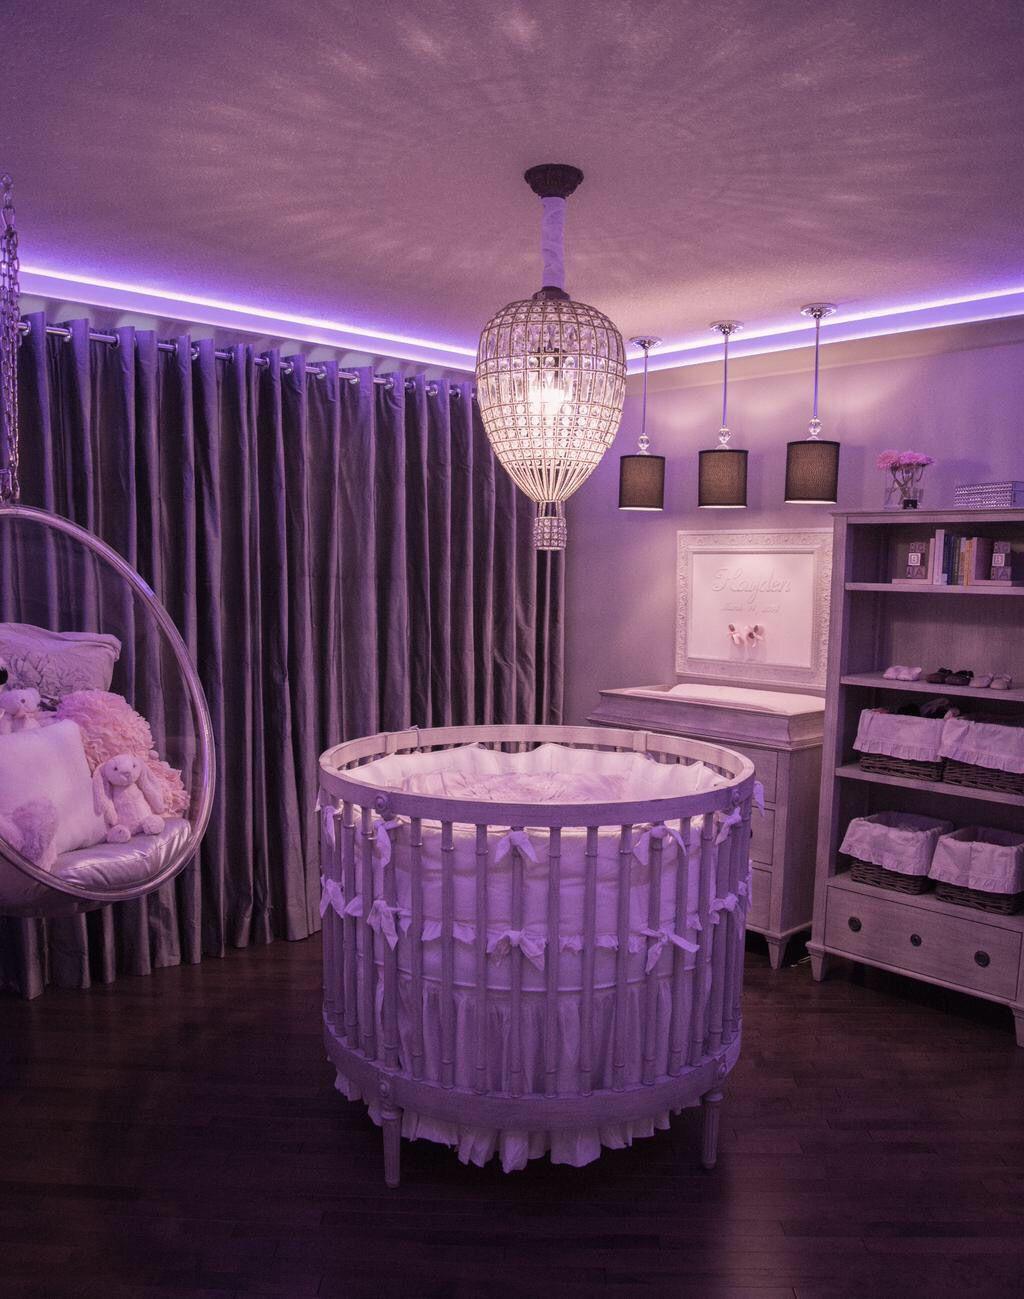 Round Crib Part - 37: Round Crib , Swing , Pink Uplighting . Custom Room .